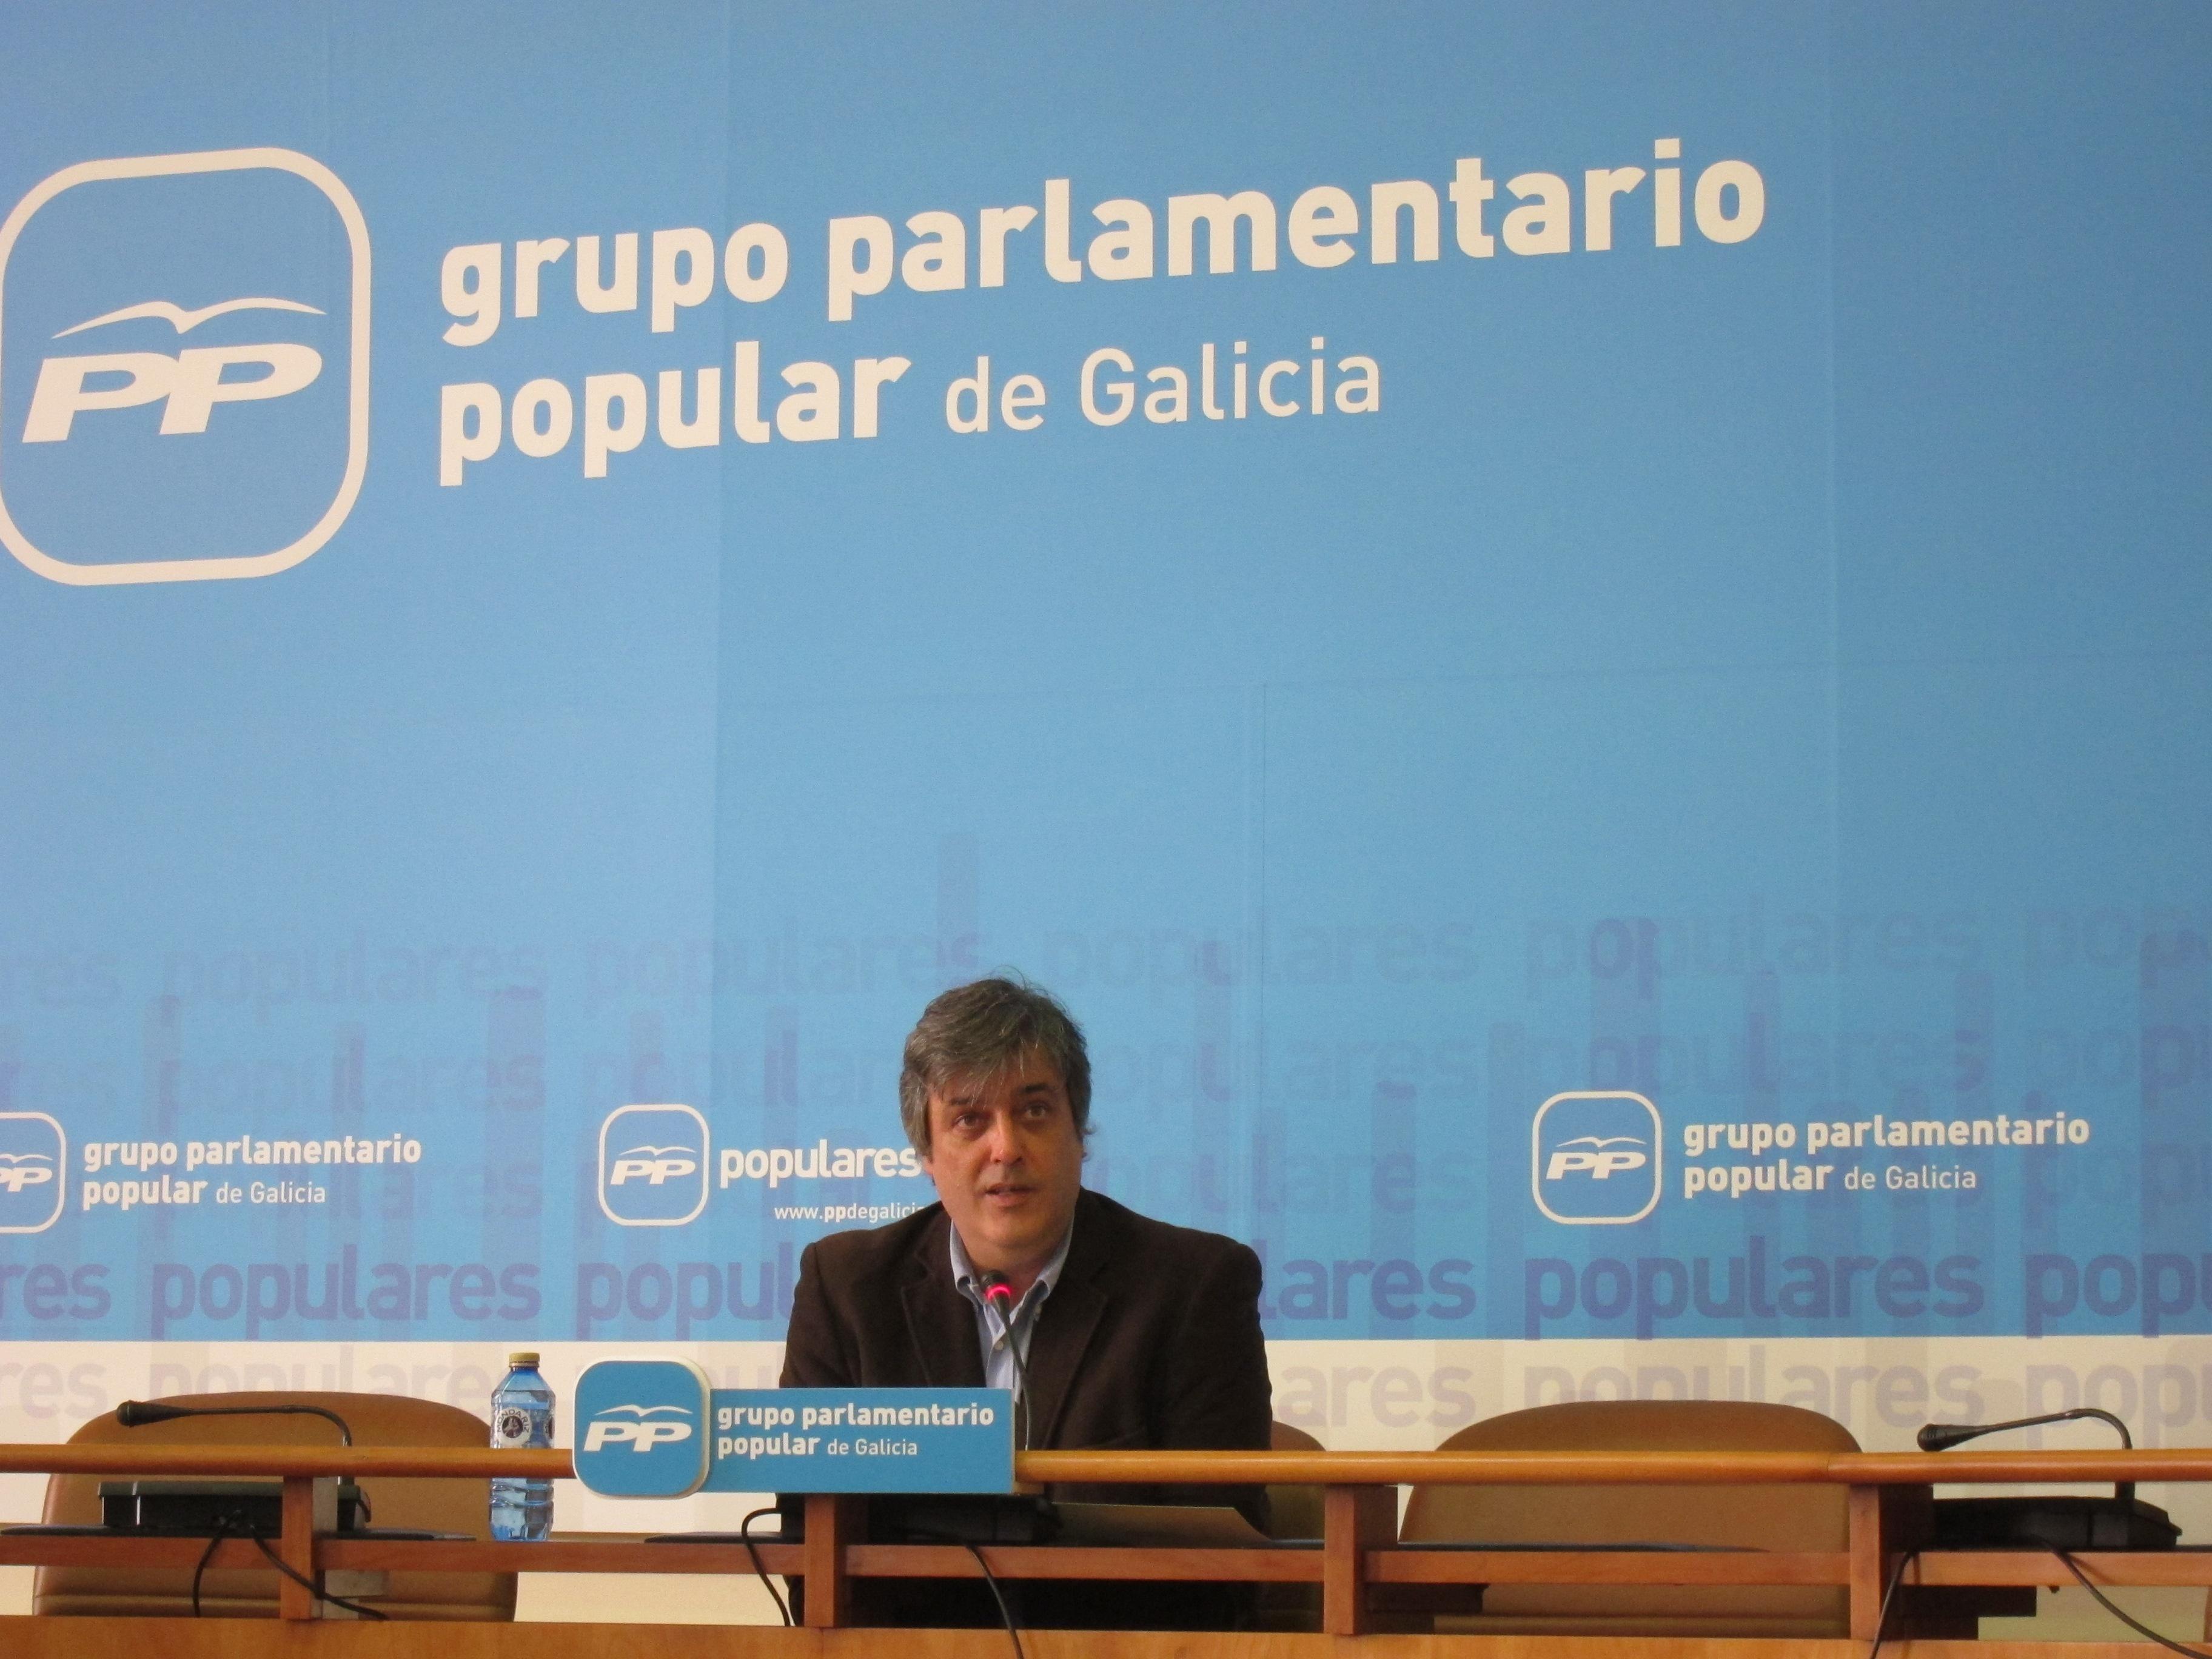 El PPdeG esperará «unos días» la respuesta de la oposición sobre el recorte de escaños aunque puede hacerlo en solitario